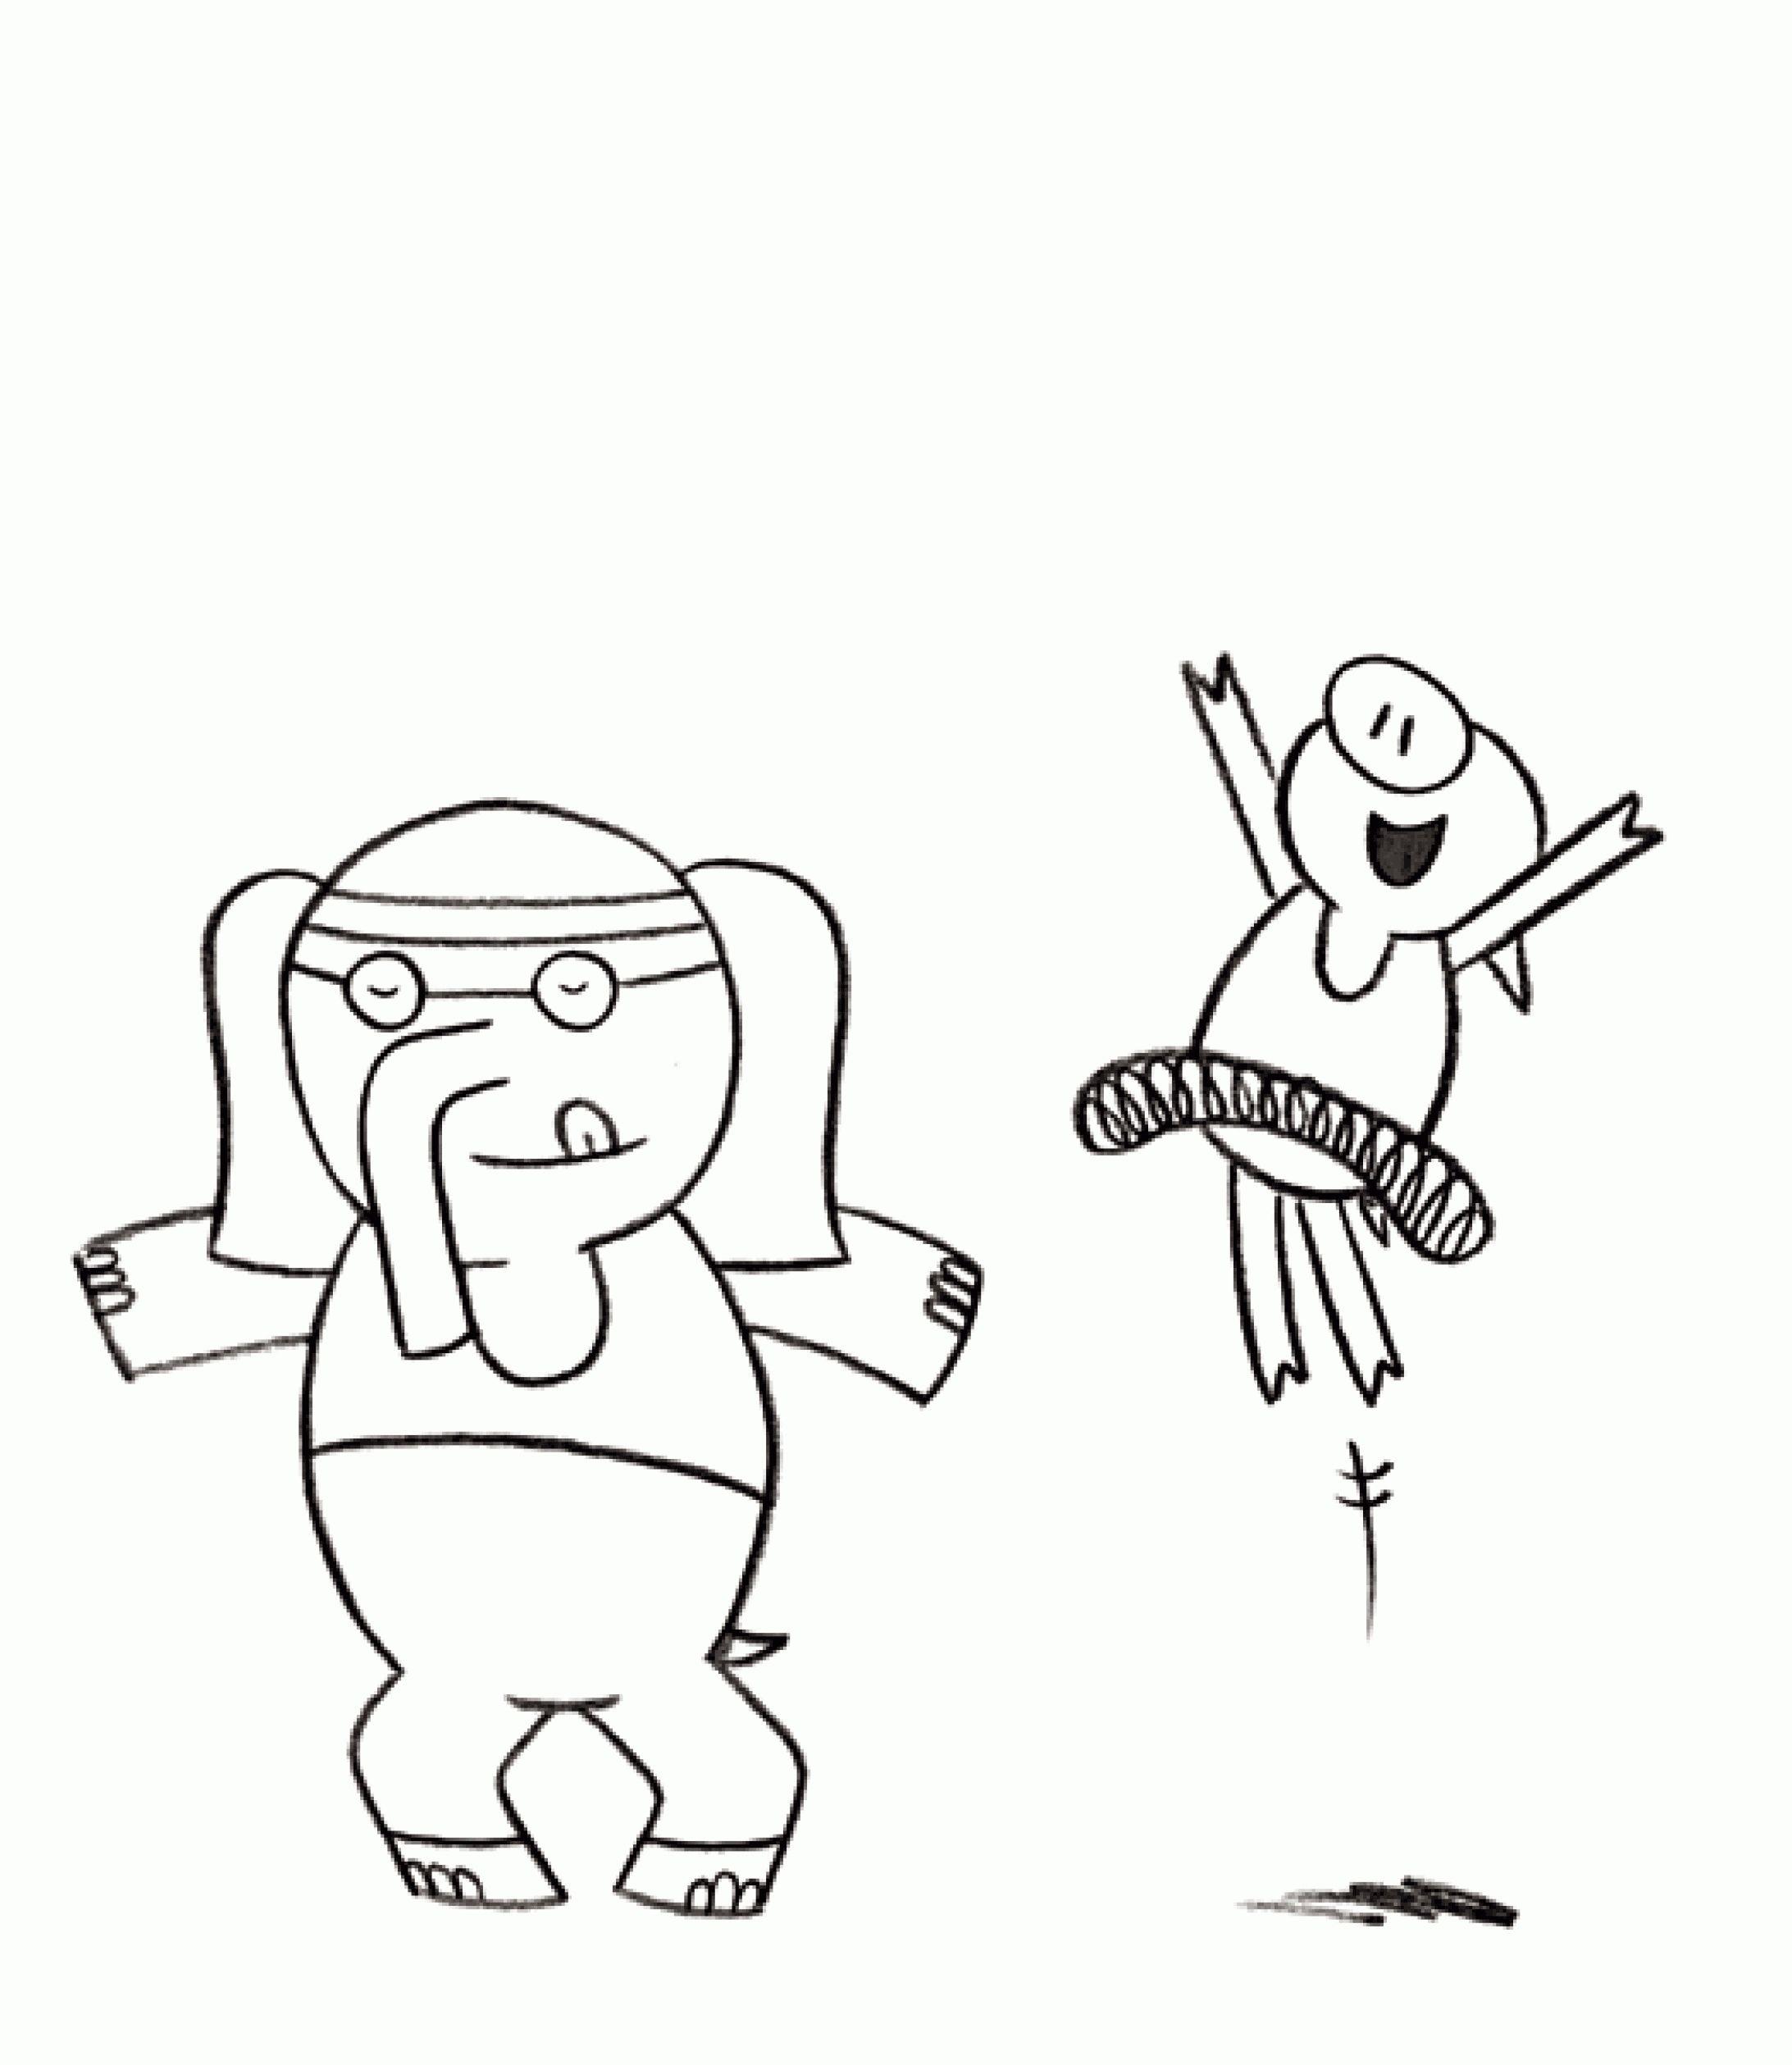 worksheet Elephant And Piggie Worksheets elephant and piggie coloring pages coloring